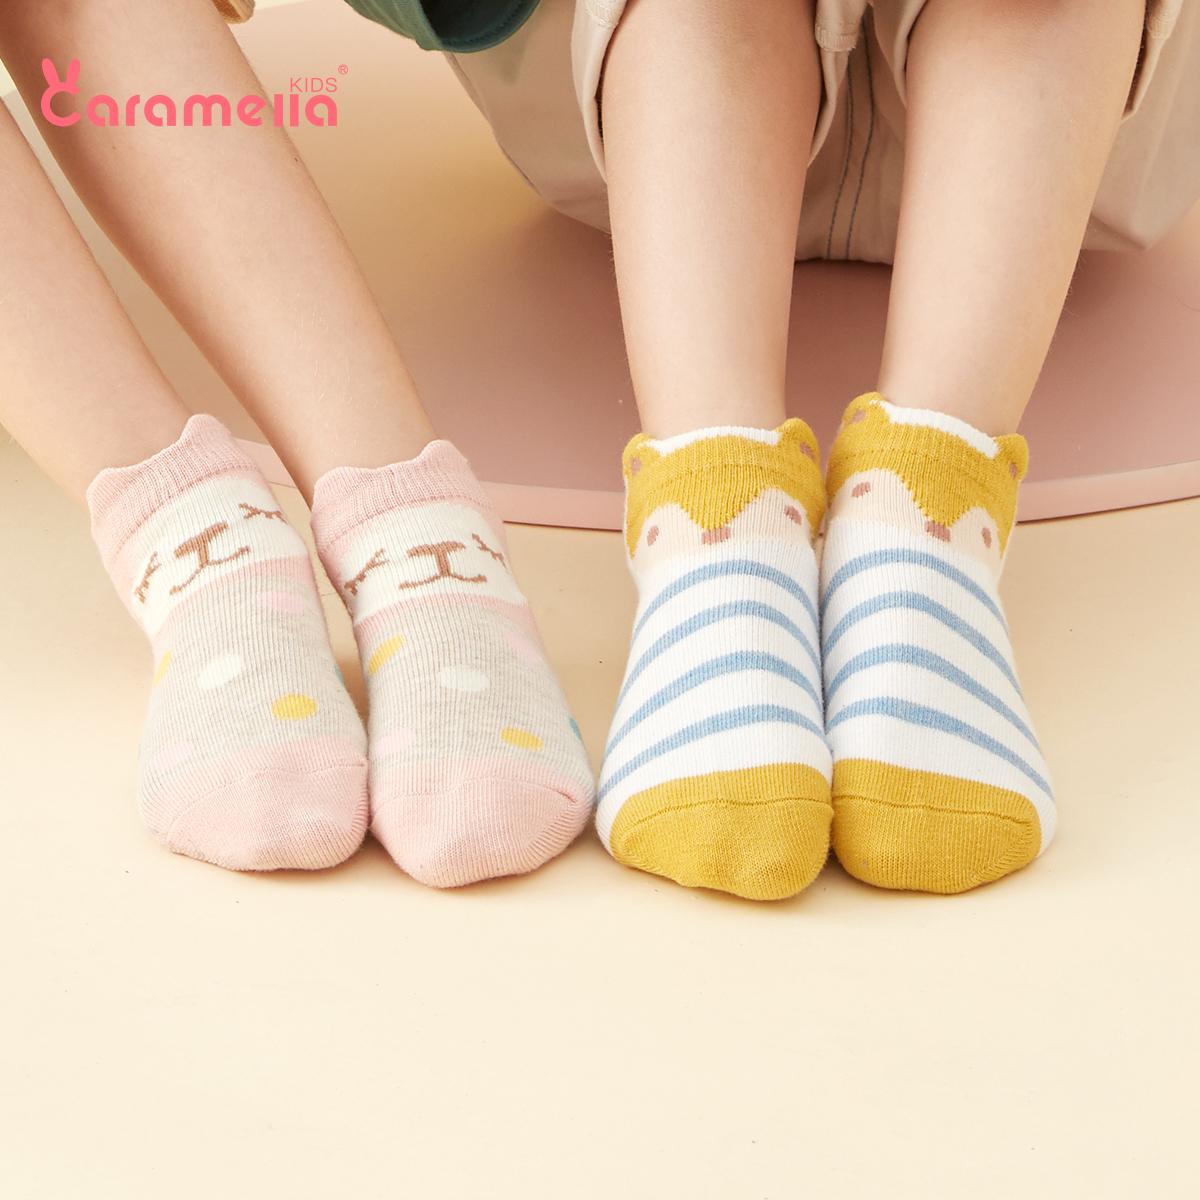 caramella夏季薄款儿童棉袜男女童宝宝纯棉袜子婴儿地板袜短袜子